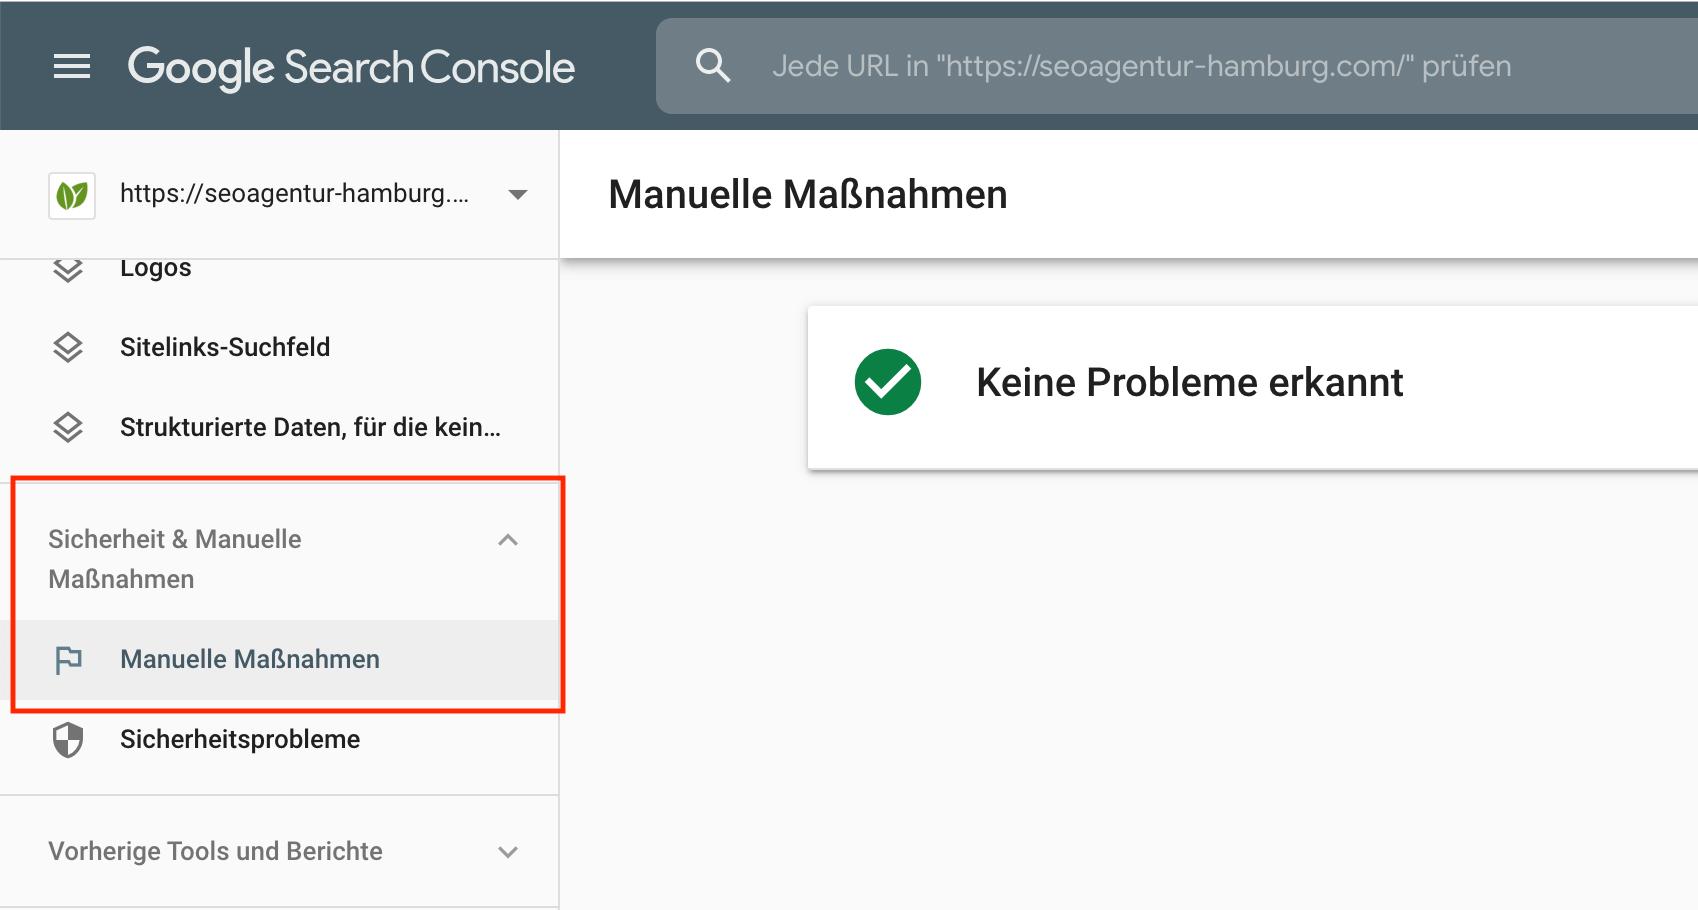 Google Search Console - Reiter Manuelle Maßnahmen. Liegt hier keine Nachricht vor, ist alles im grünen Bereich.